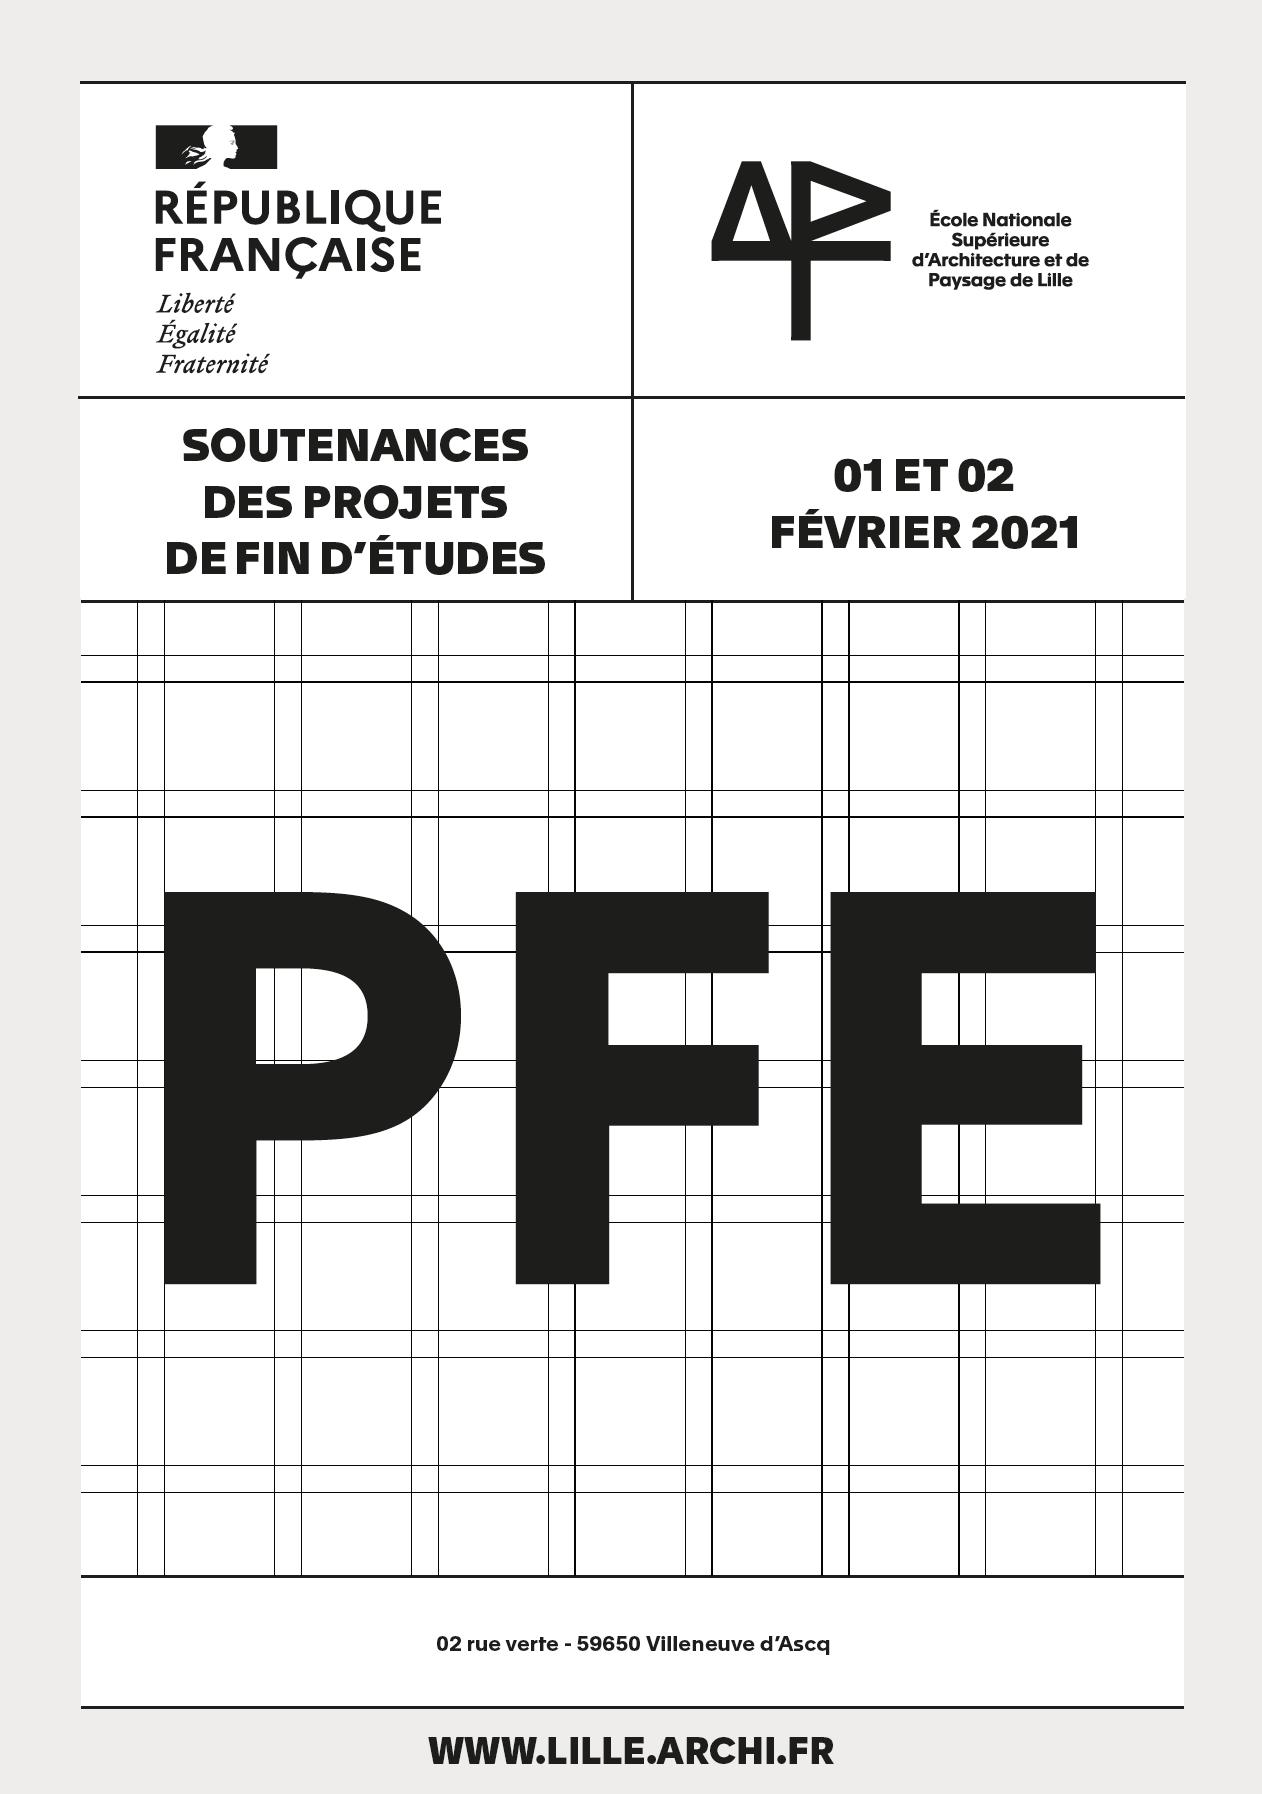 Résultats des soutenances des PFE - 01 et 02 Février 2021